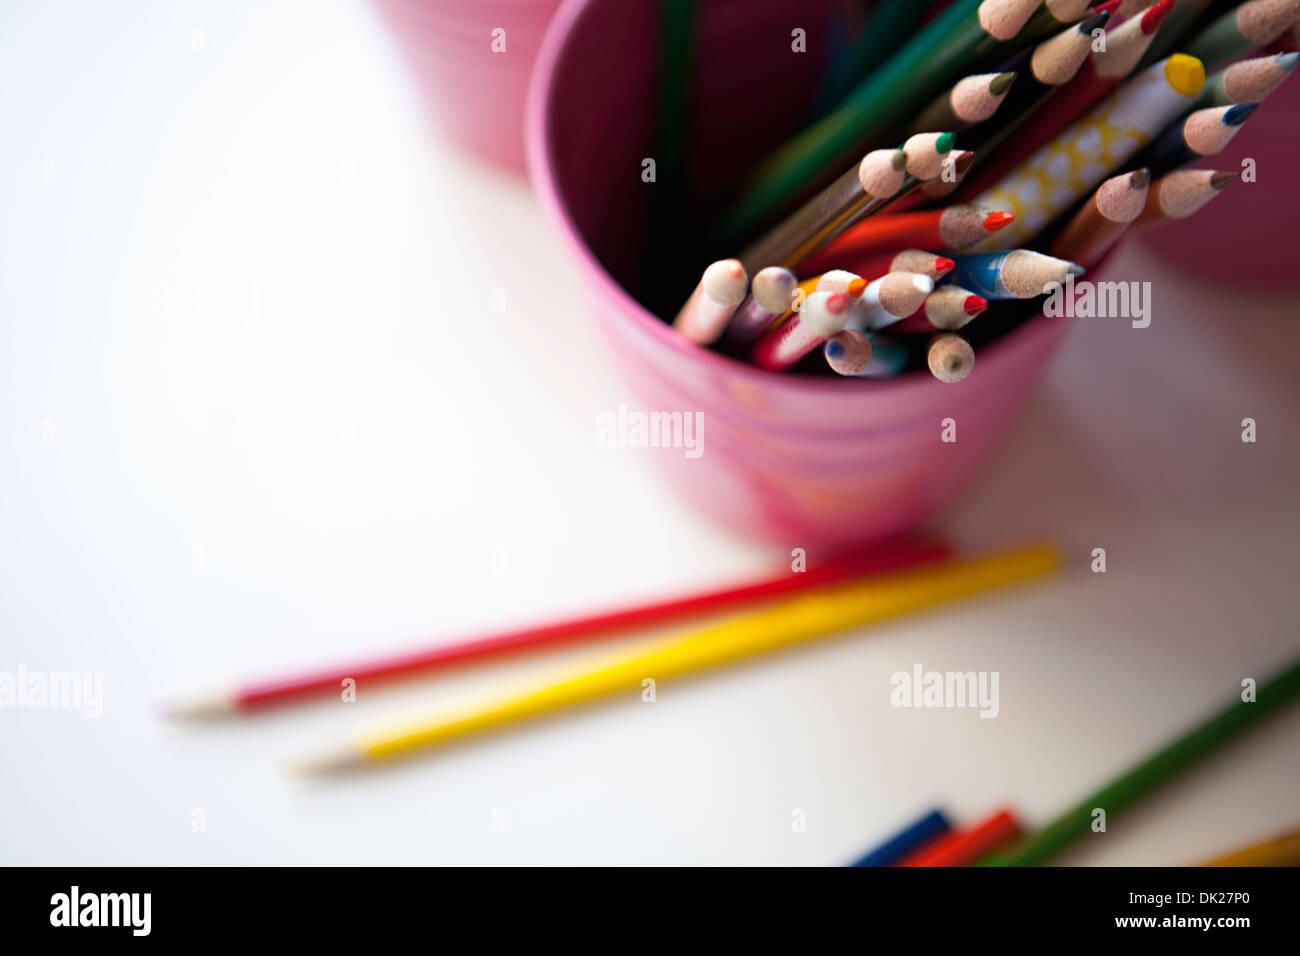 Un alto ángulo de visualización de arte multicolor lápices de color rosa en la cuchara Imagen De Stock